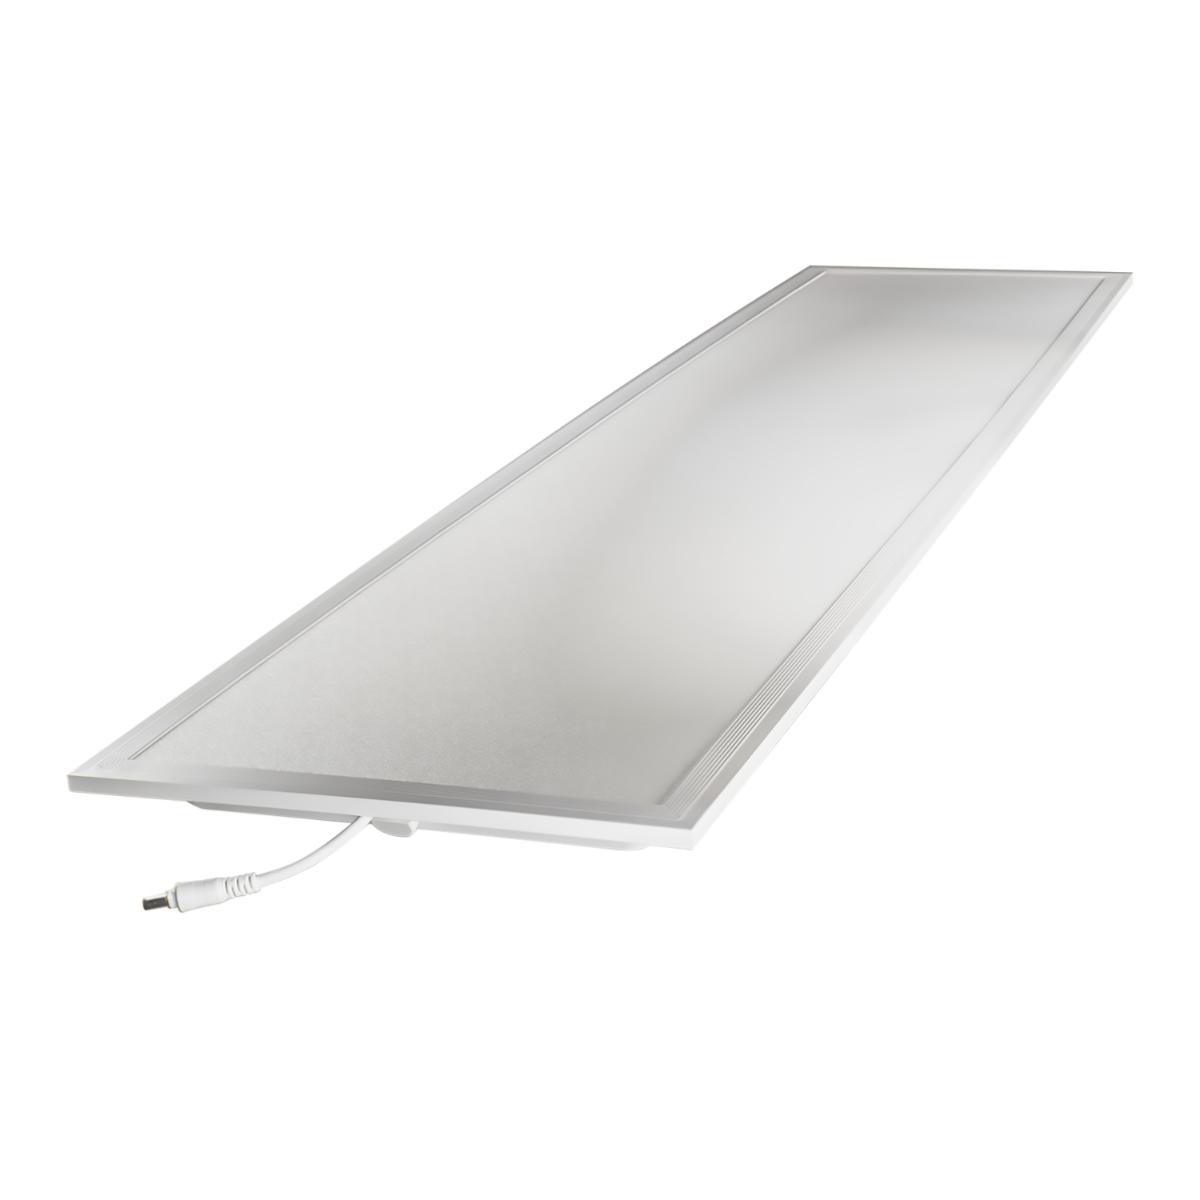 Noxion LED Panel Econox 32W Xitanium DALI 30x120cm 3000K 3900lm UGR <22 | Dali Dimmbar - Warmweiß - Ersatz für 2x36W